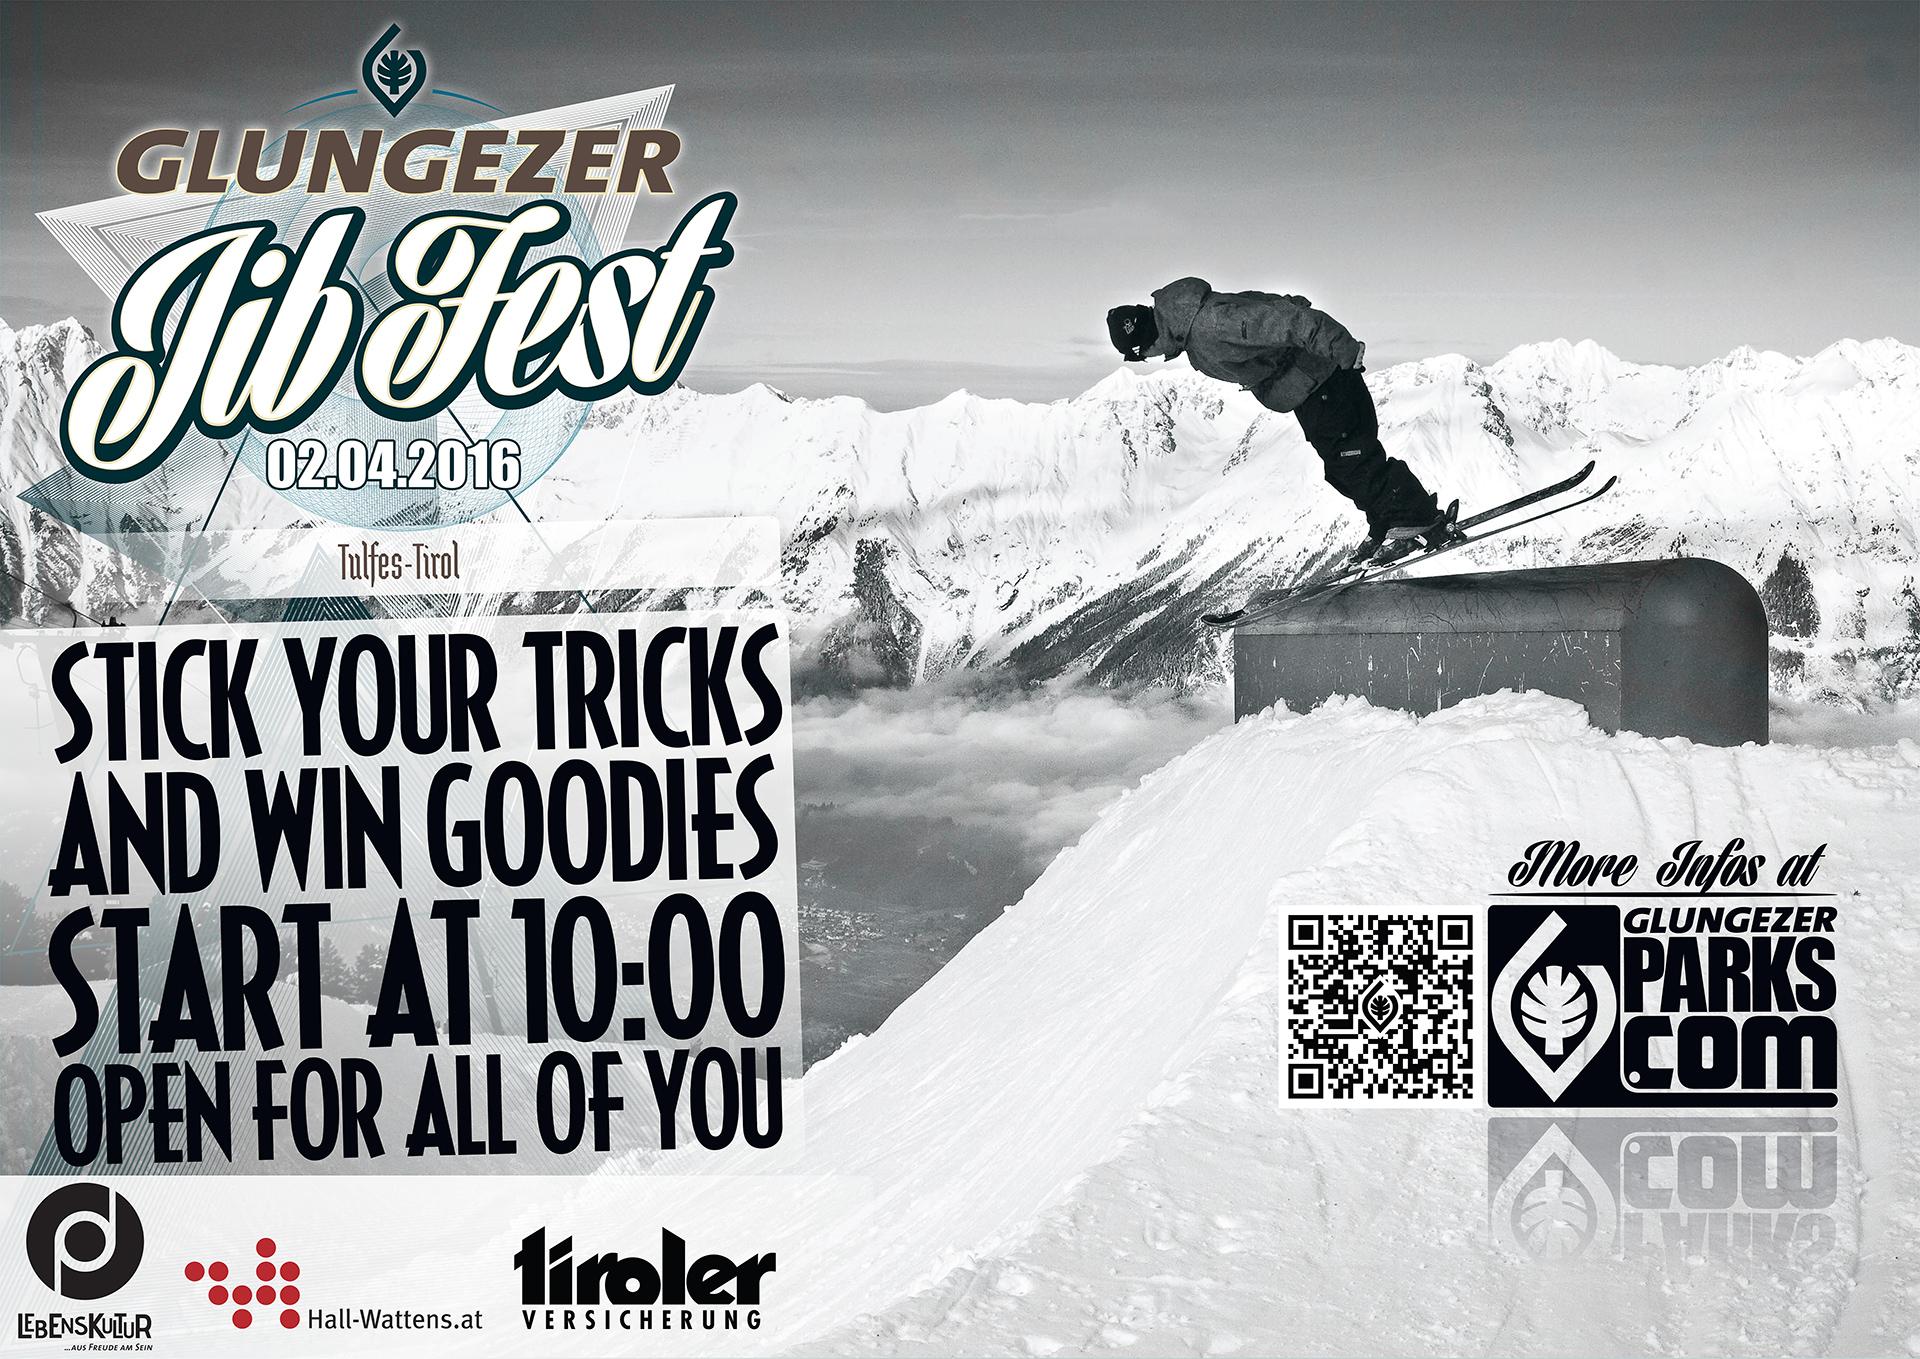 Glungezer JIB Fest 2016 - Flyer